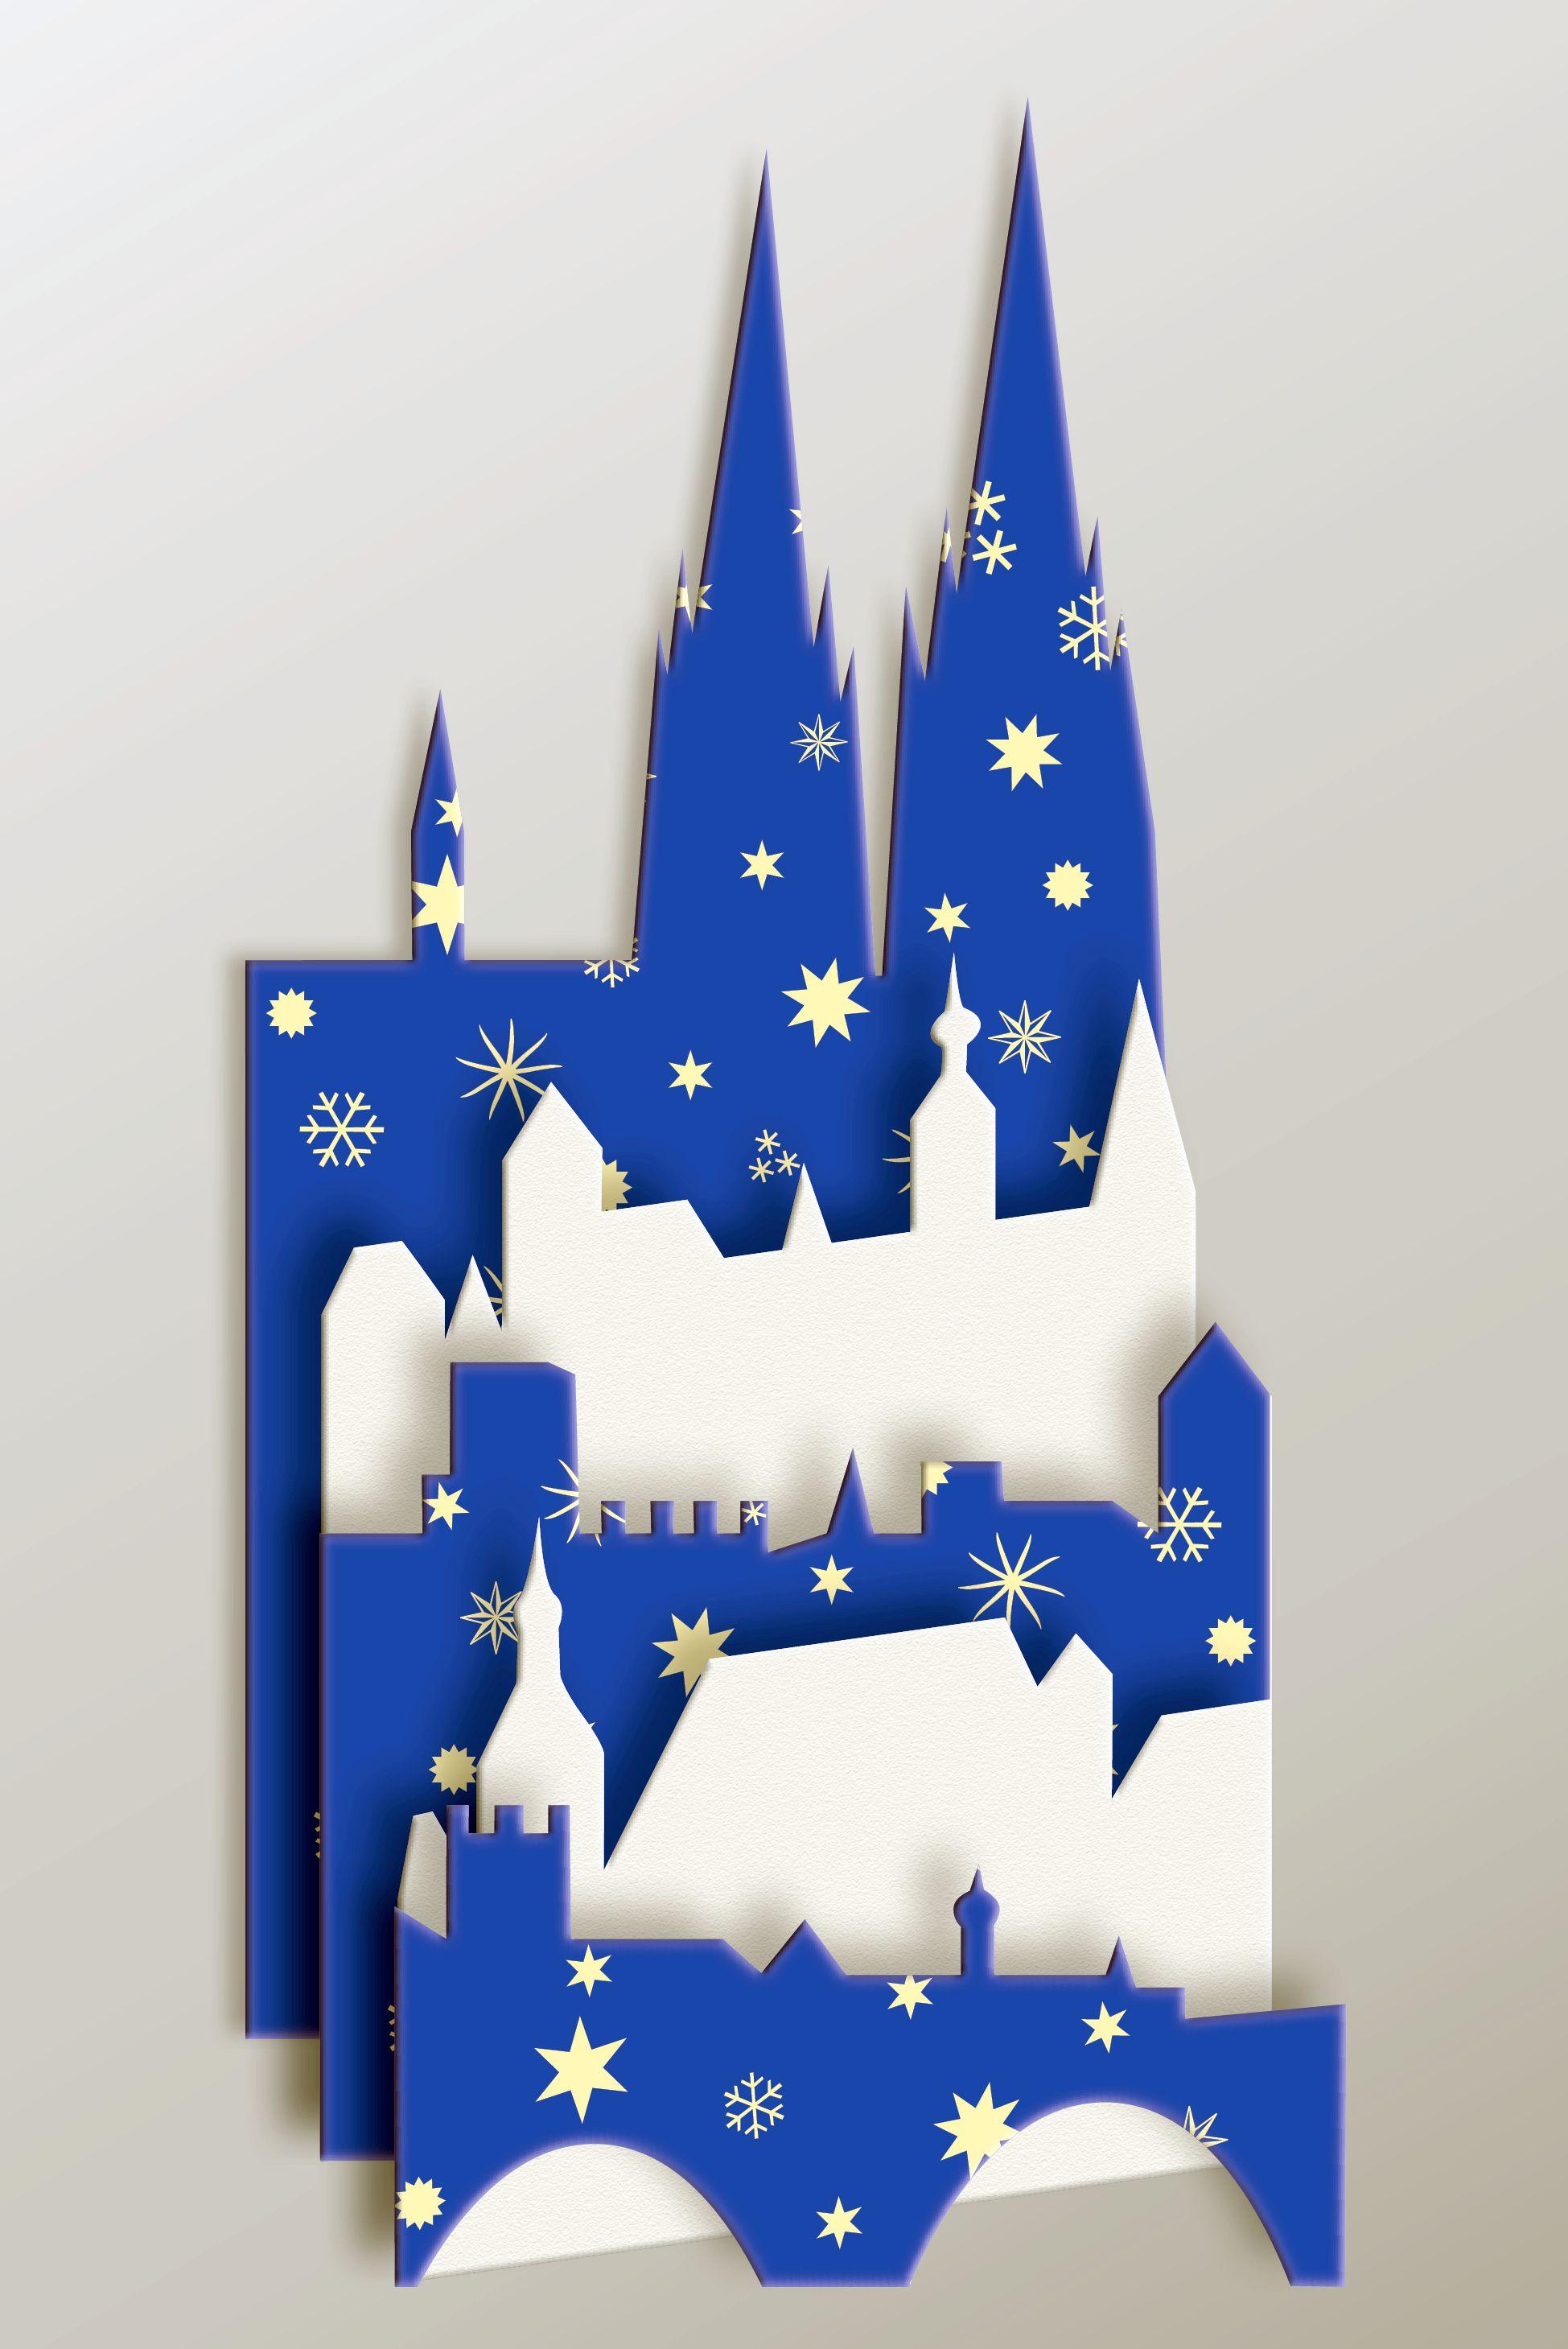 Individuelle Weihnachtskarten.Individuelle Weihnachtskarte Von Regensburg Oder Auch Von Ihrer